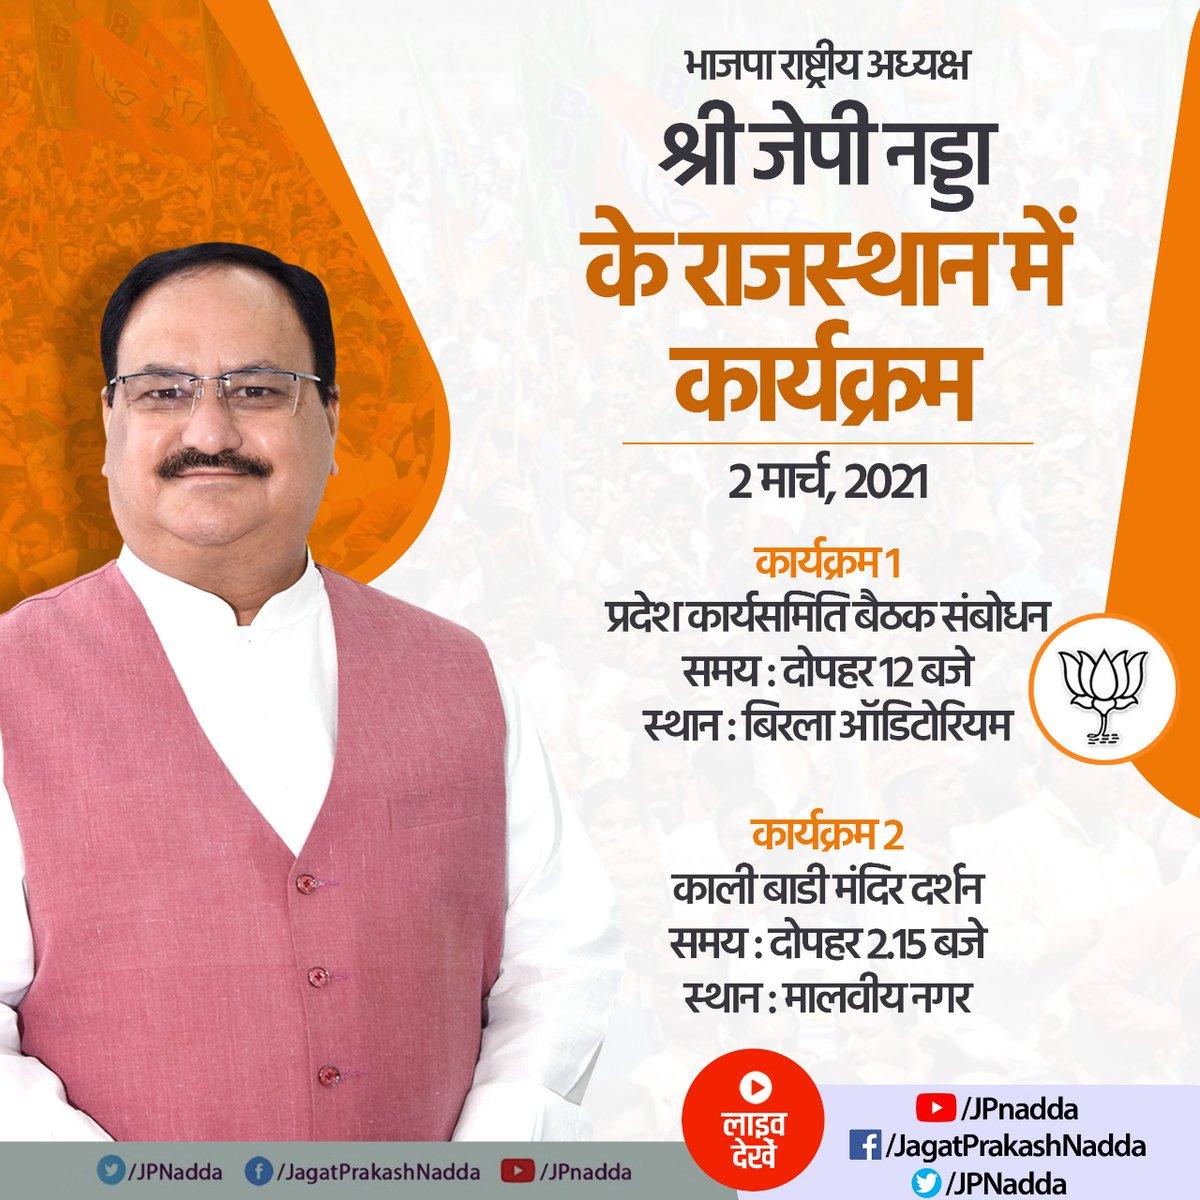 भाजपा राष्ट्रीय अध्यक्ष श्री @JPNadda जी कल दोपहर 12 बजे राजस्थान के बिरला ऑडिटोरियम में प्रदेश कार्यसमिति बैठक को संबोधित करेंगे तथा 2:15 बजे मालवीय नगर स्थित काली बाड़ी मंदिर के दर्शन करेंगे।